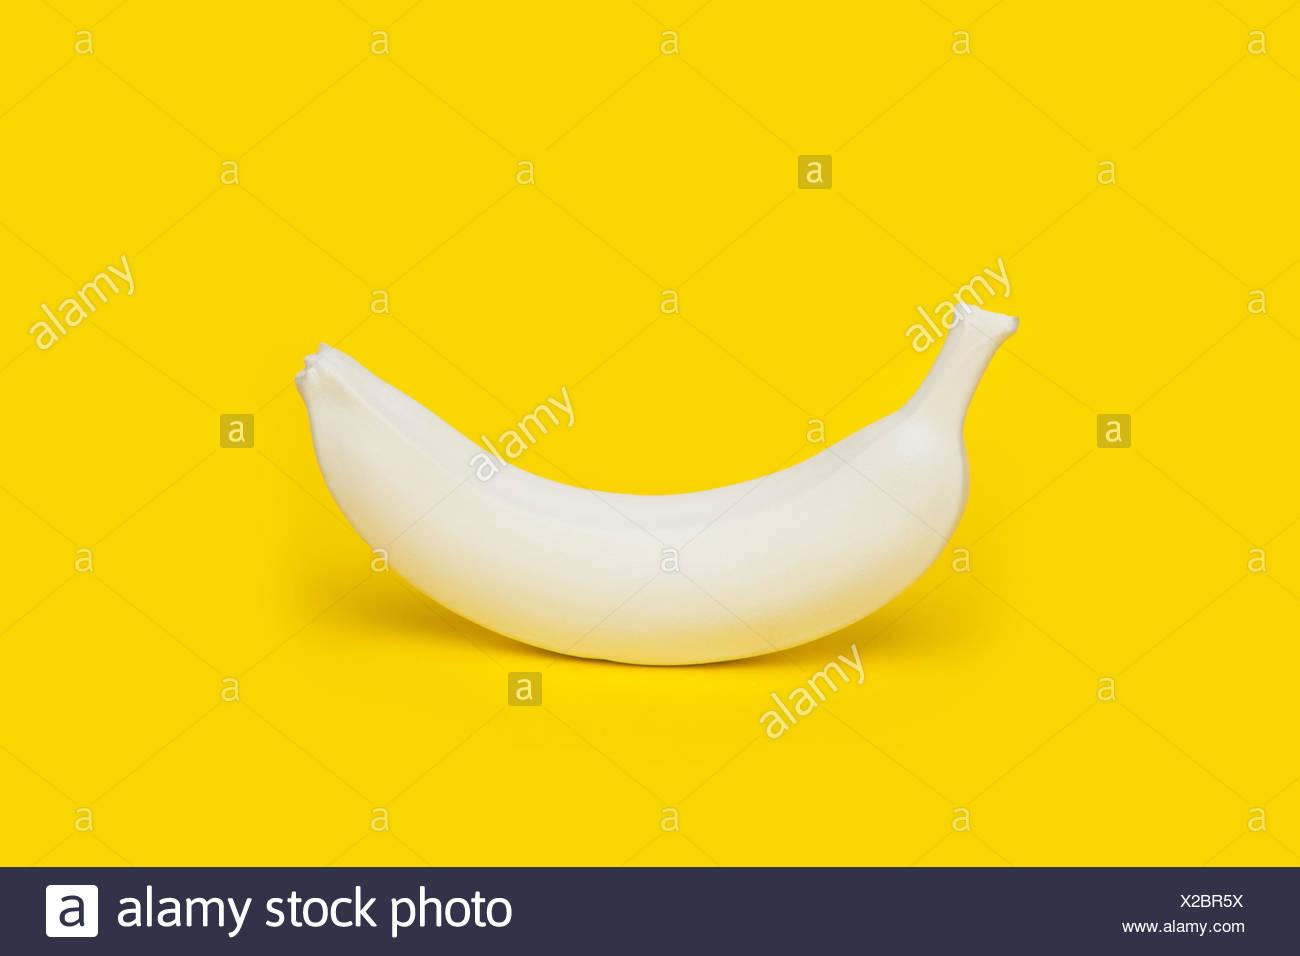 Banana dipinto di bianco su sfondo giallo Immagini Stock